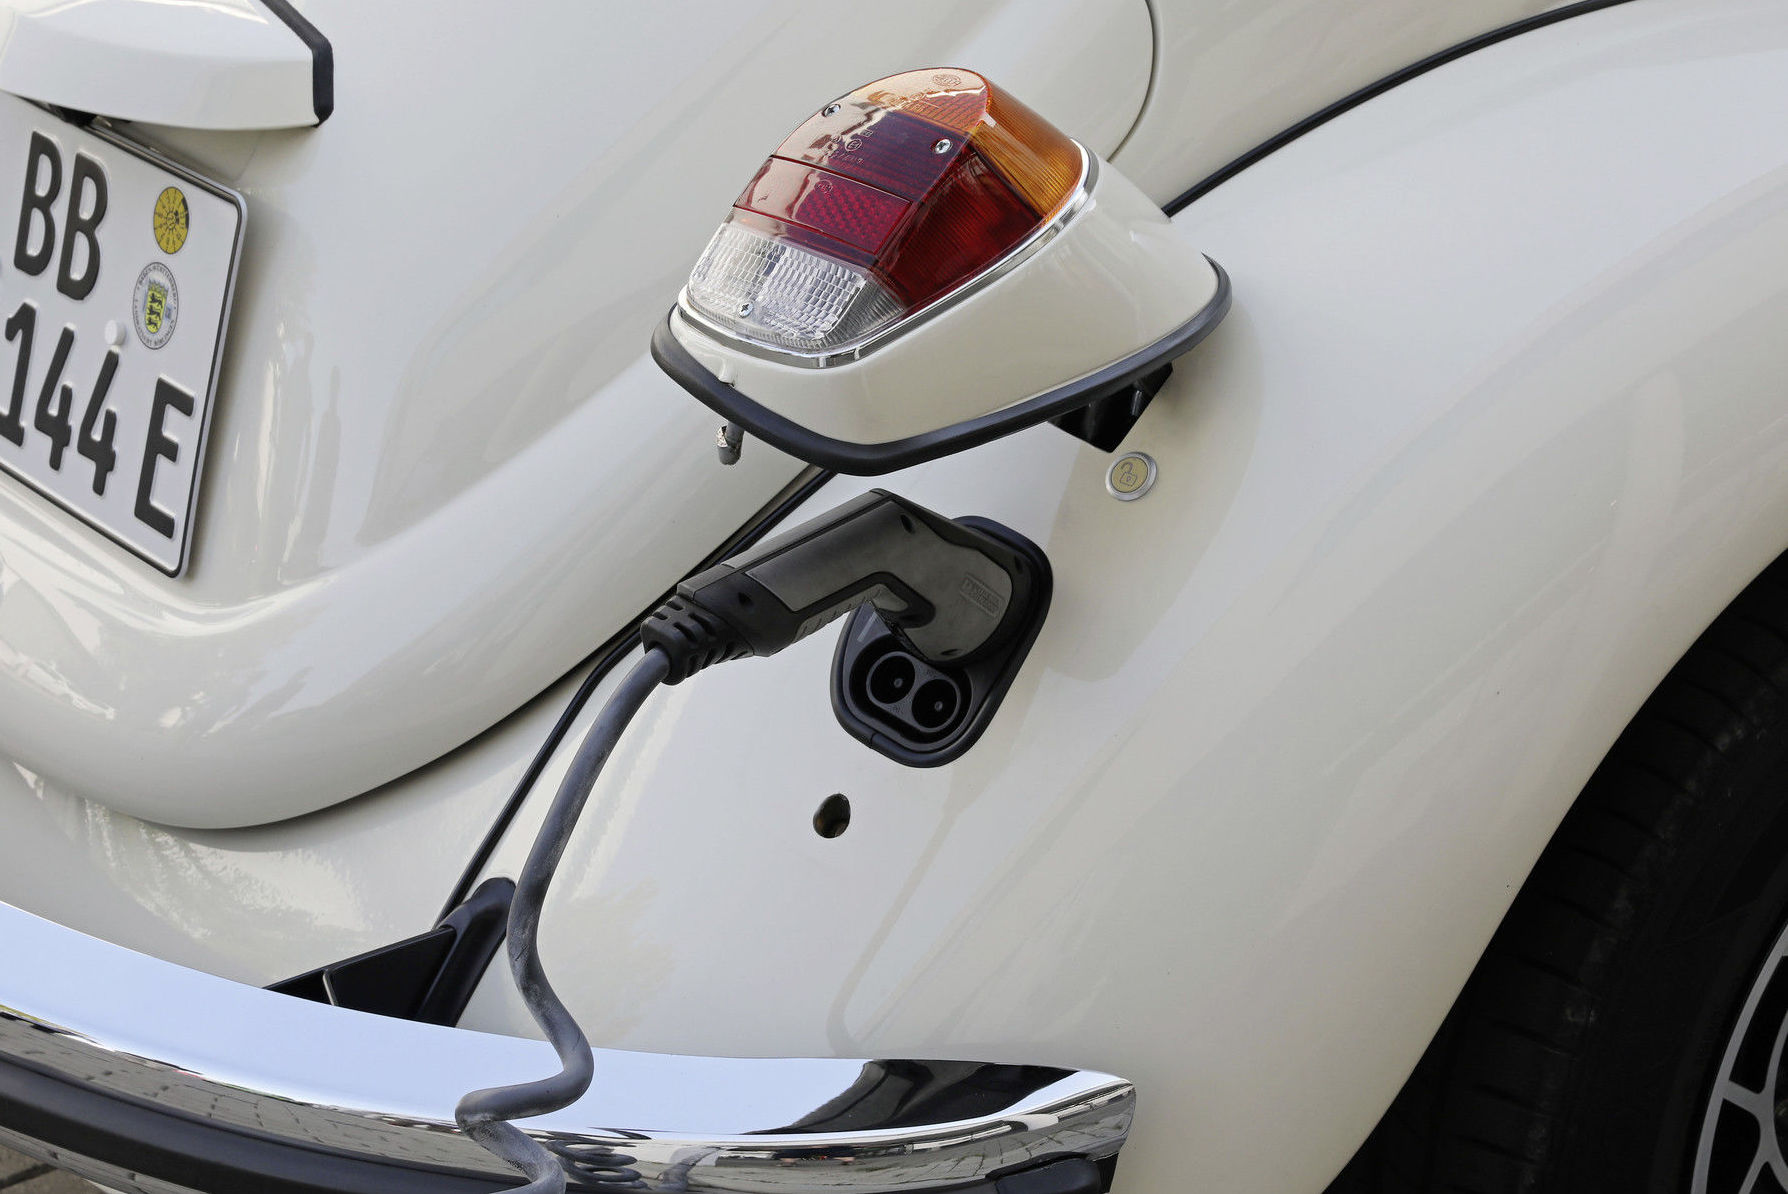 Los nuevos Beetles eléctricos se cargan por su parte trasera